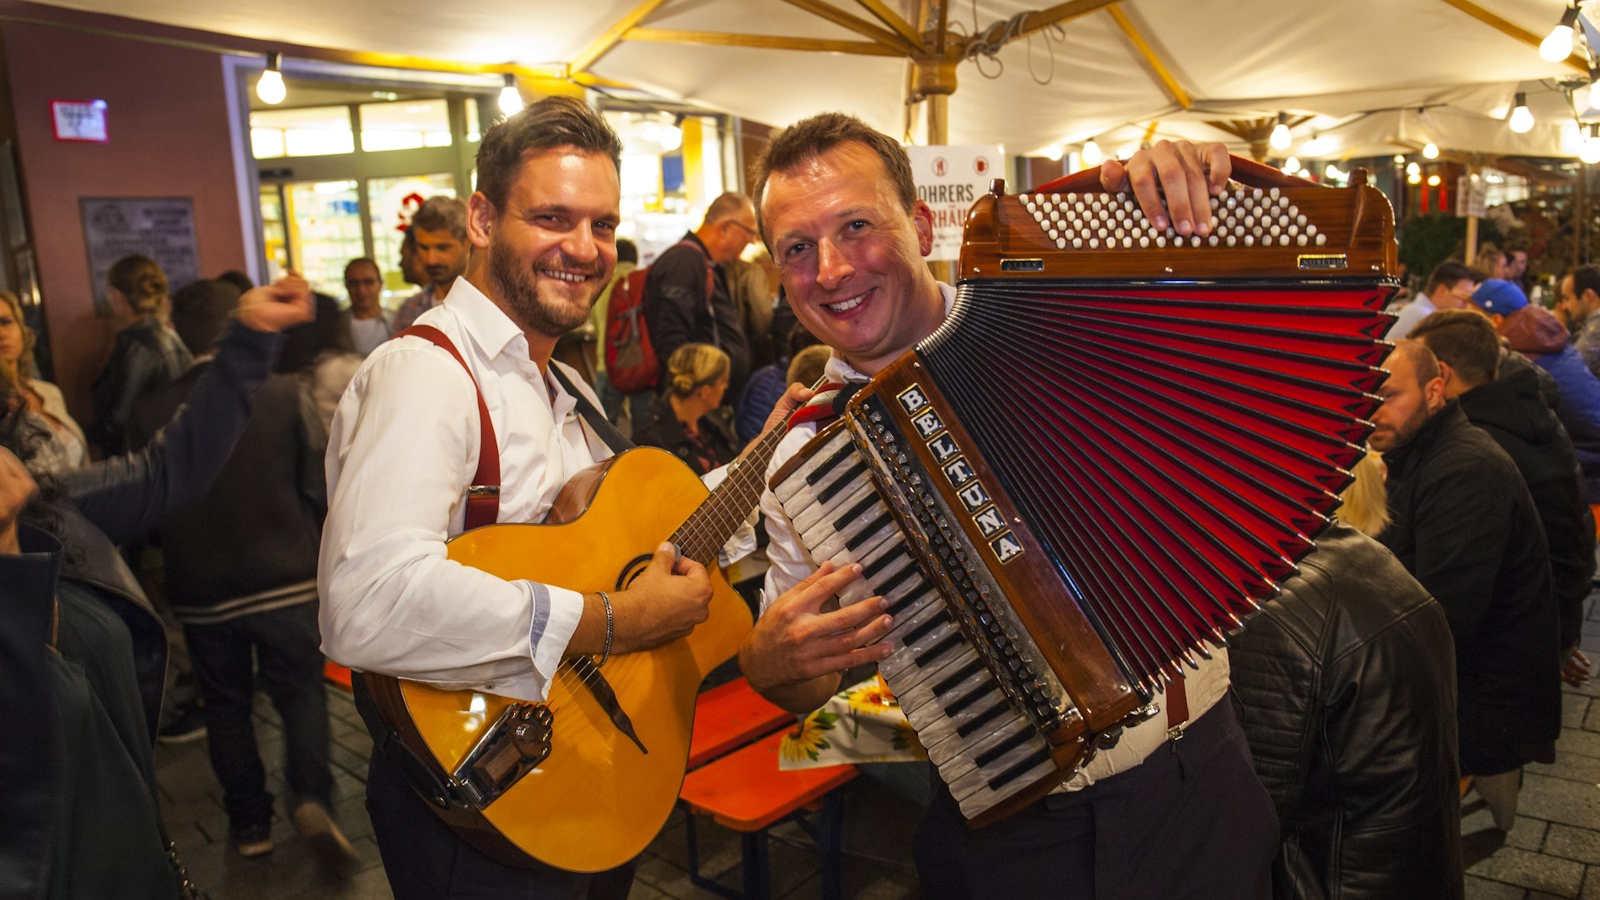 sorgen auch beim Weindorf 2019 für Stimmung - Das Duo Jauchzaaa